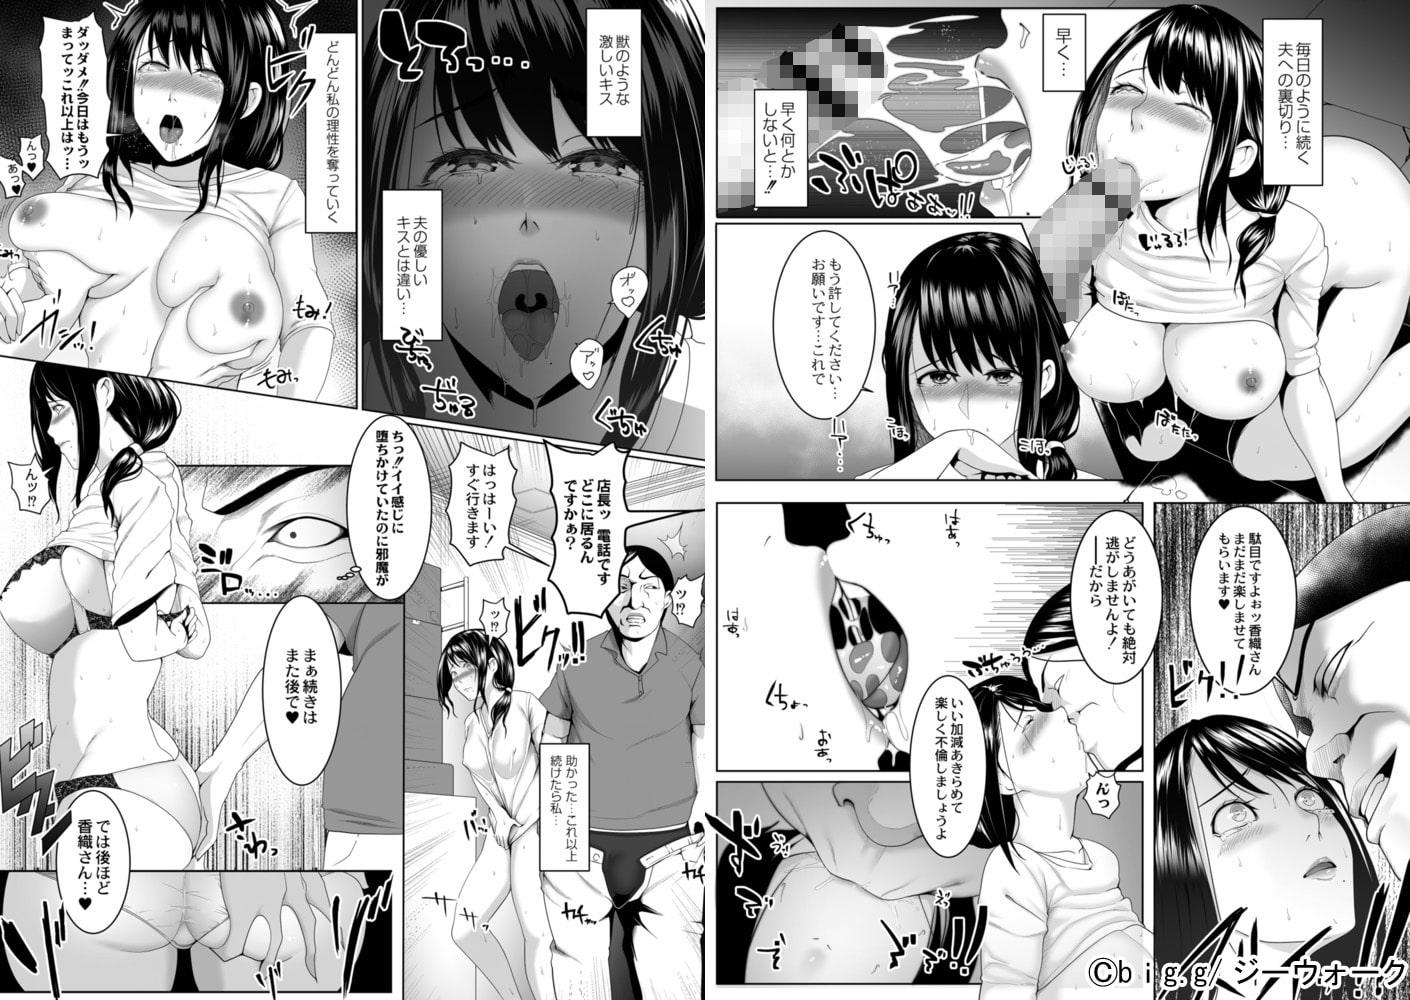 【単行本版】人妻たちの楽園のサンプル画像5